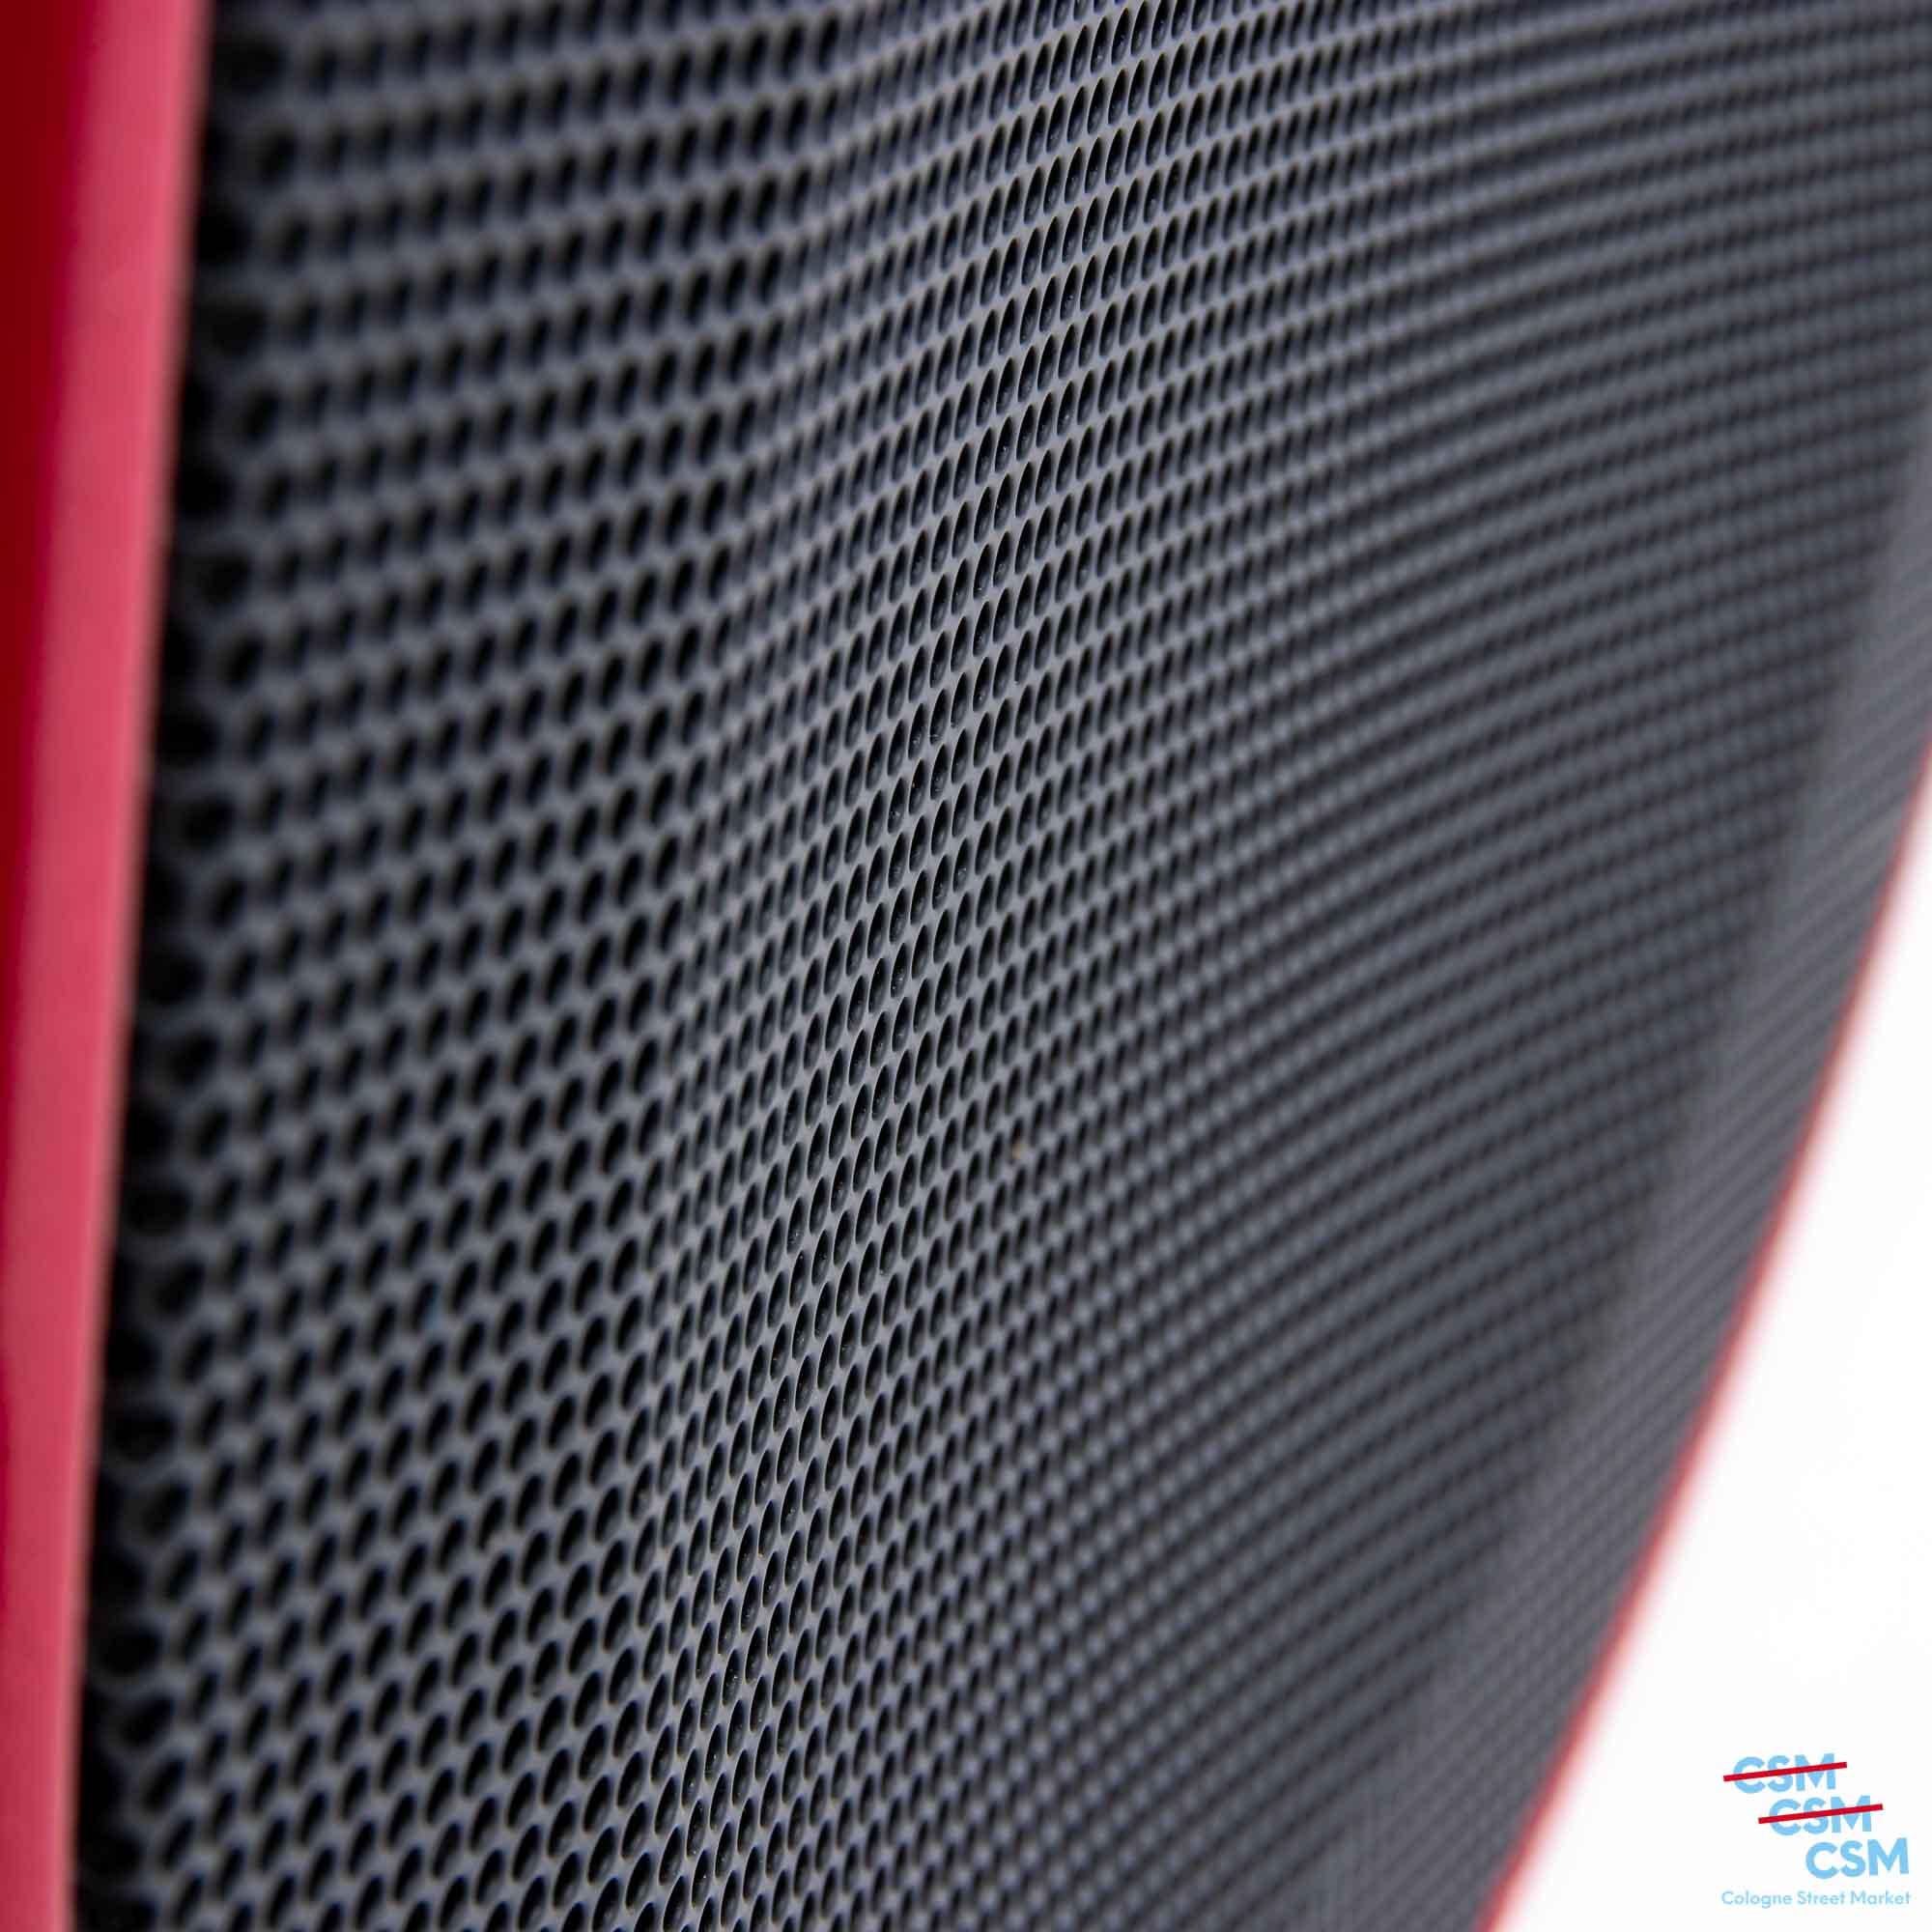 Void-Acoustics-Indigo-6-Indigo-Sub-gebraucht-6